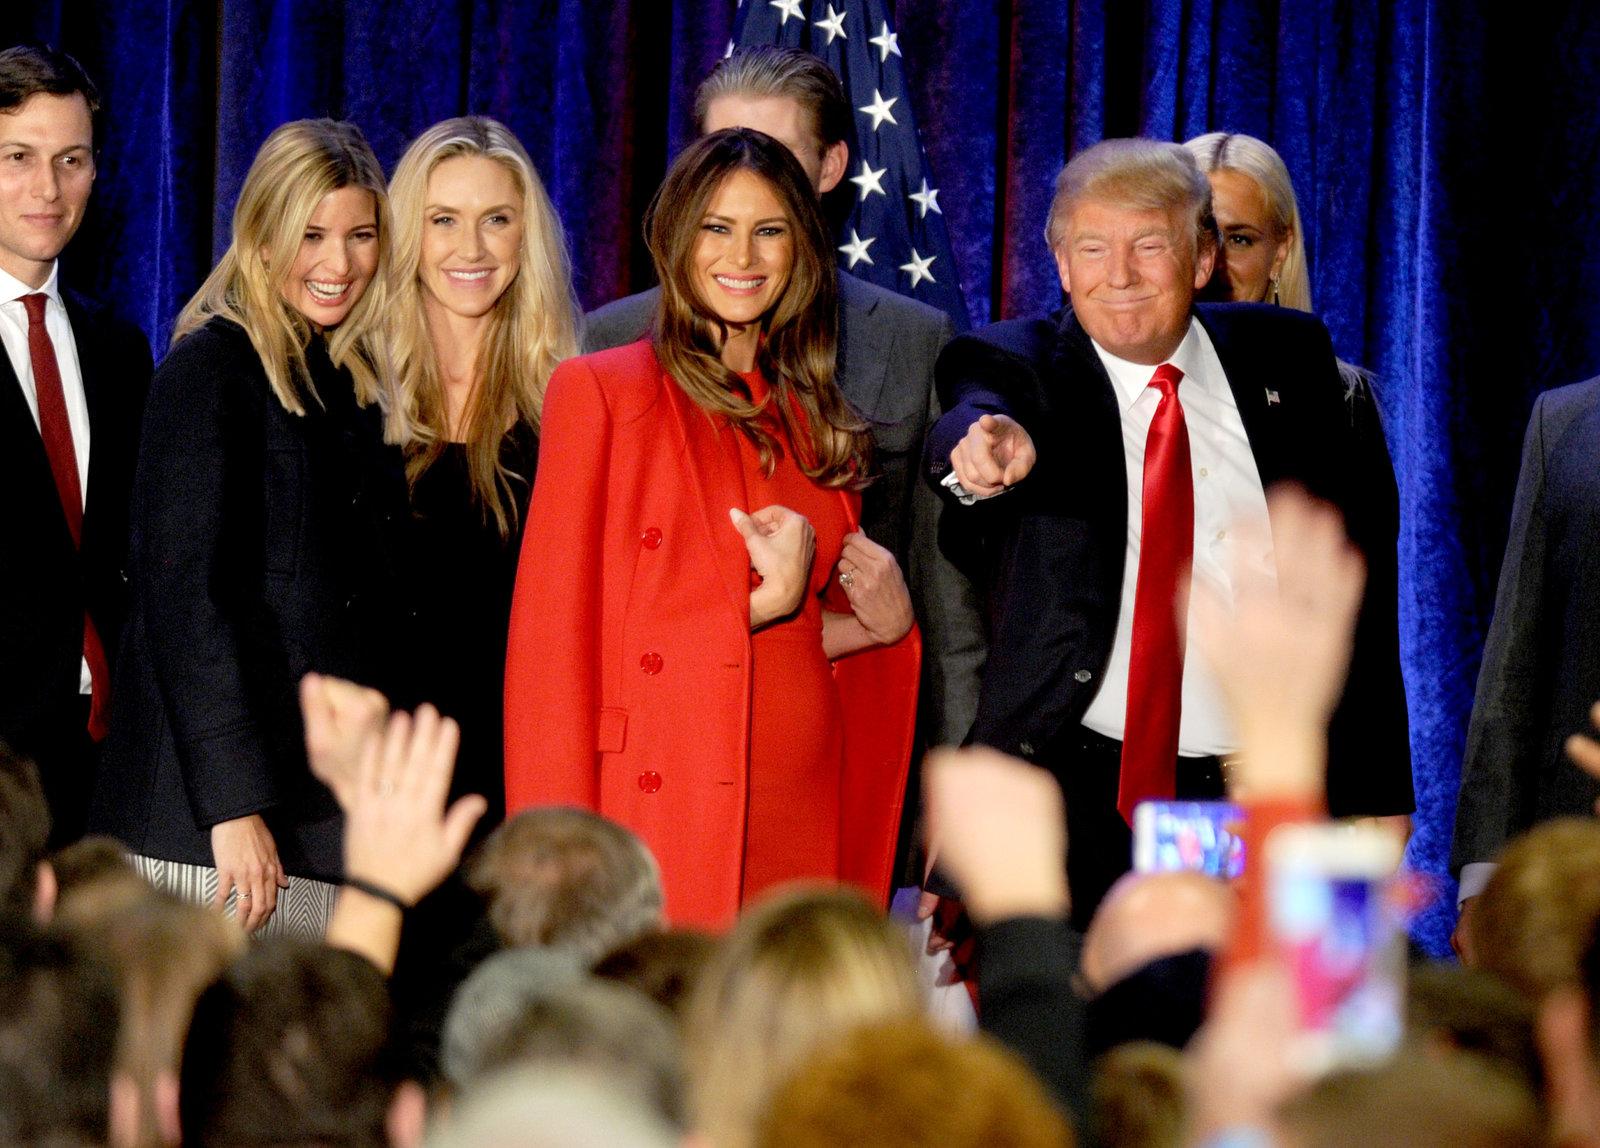 杜林普這位億萬富翁有名模妻子 Melania 相伴左右,推銷「重振美國夢」政綱時,更有說服力。圖片來源:路透社